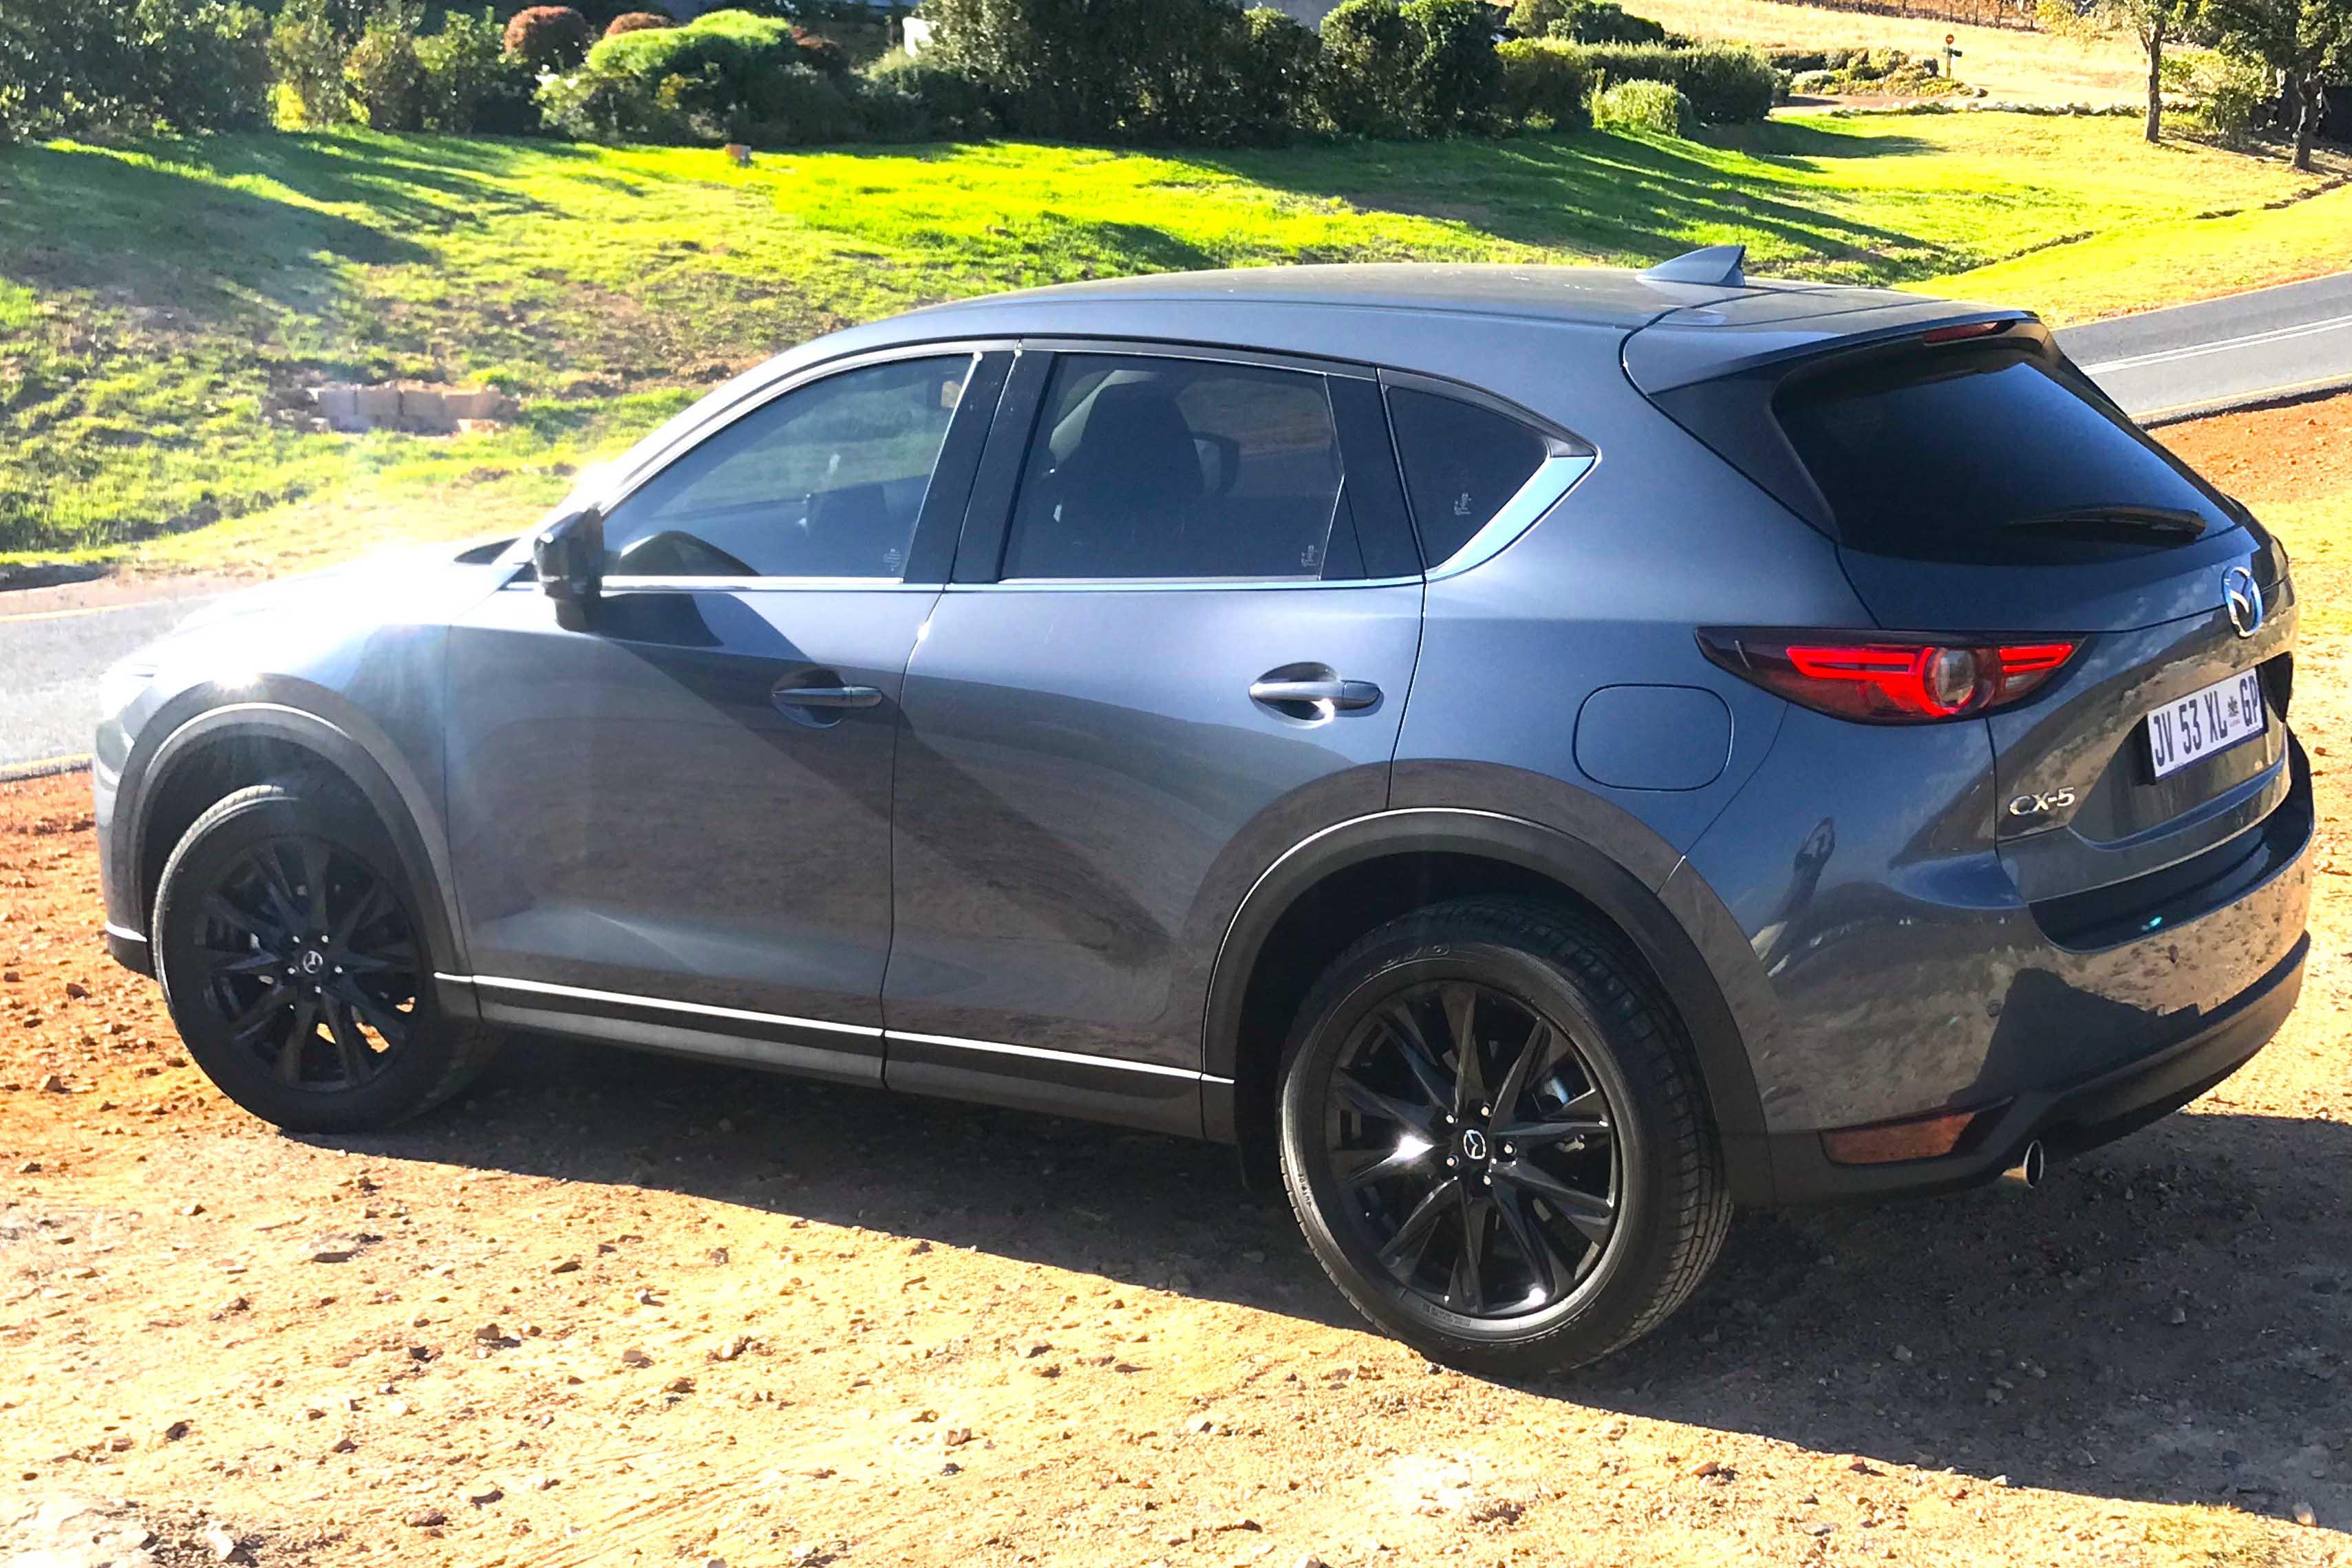 Mazda CX-5 Carbon Edition